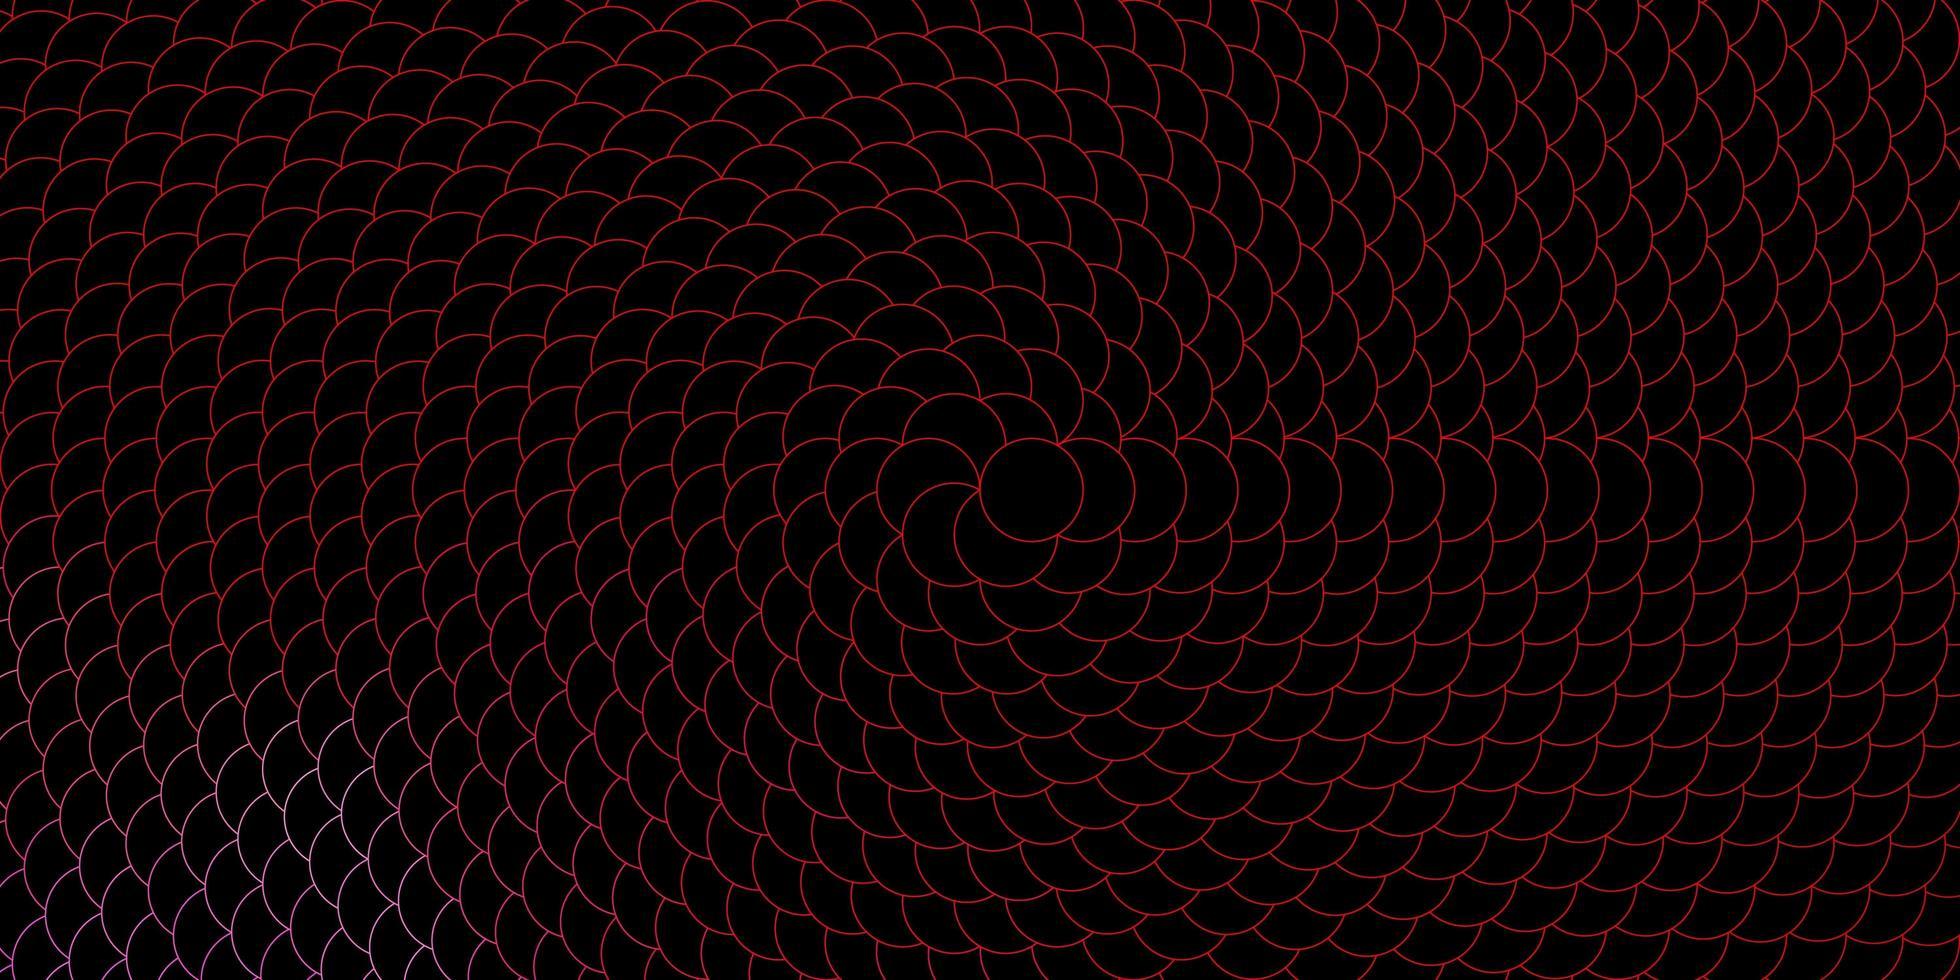 dunkelrosa, gelbe Vektorbeschaffenheit mit Scheiben. vektor